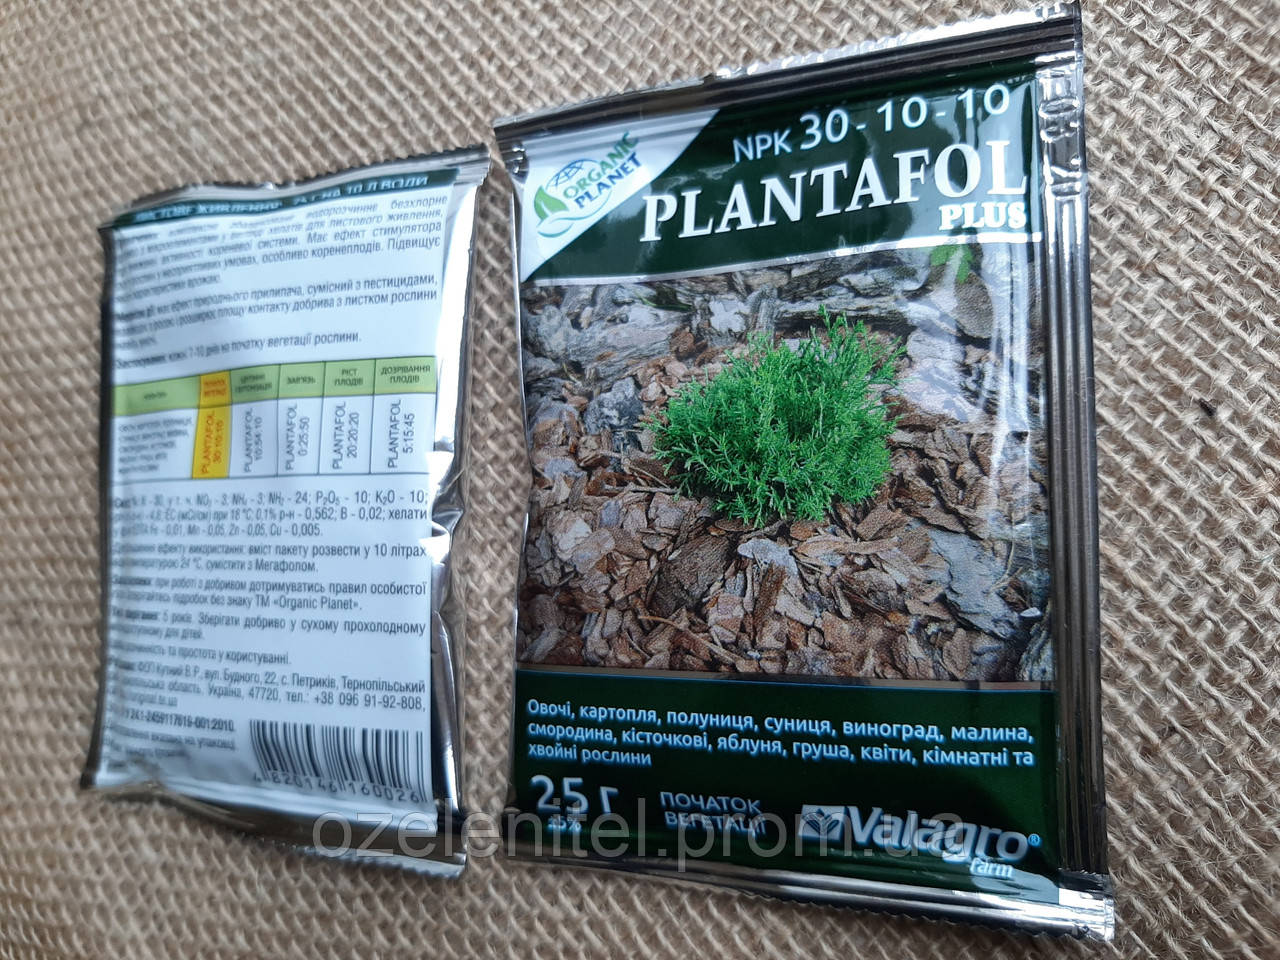 Плантафол/Plantafol10-54-10